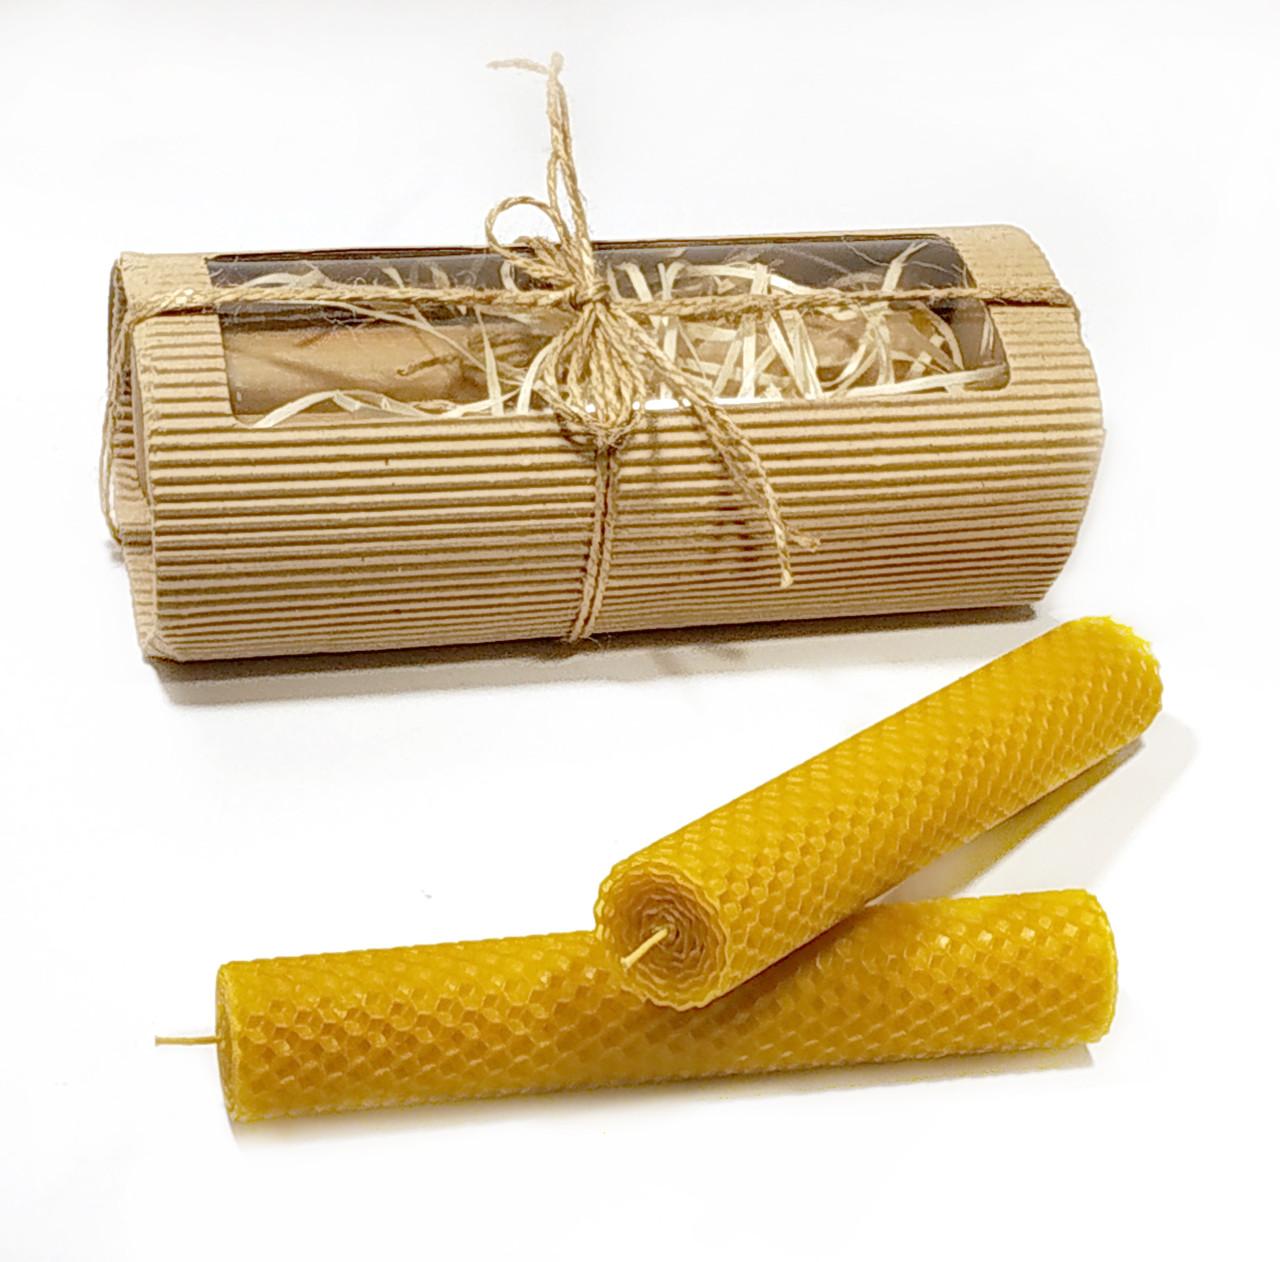 Катанные свічки ручної роботи з натурального бджолиного воску